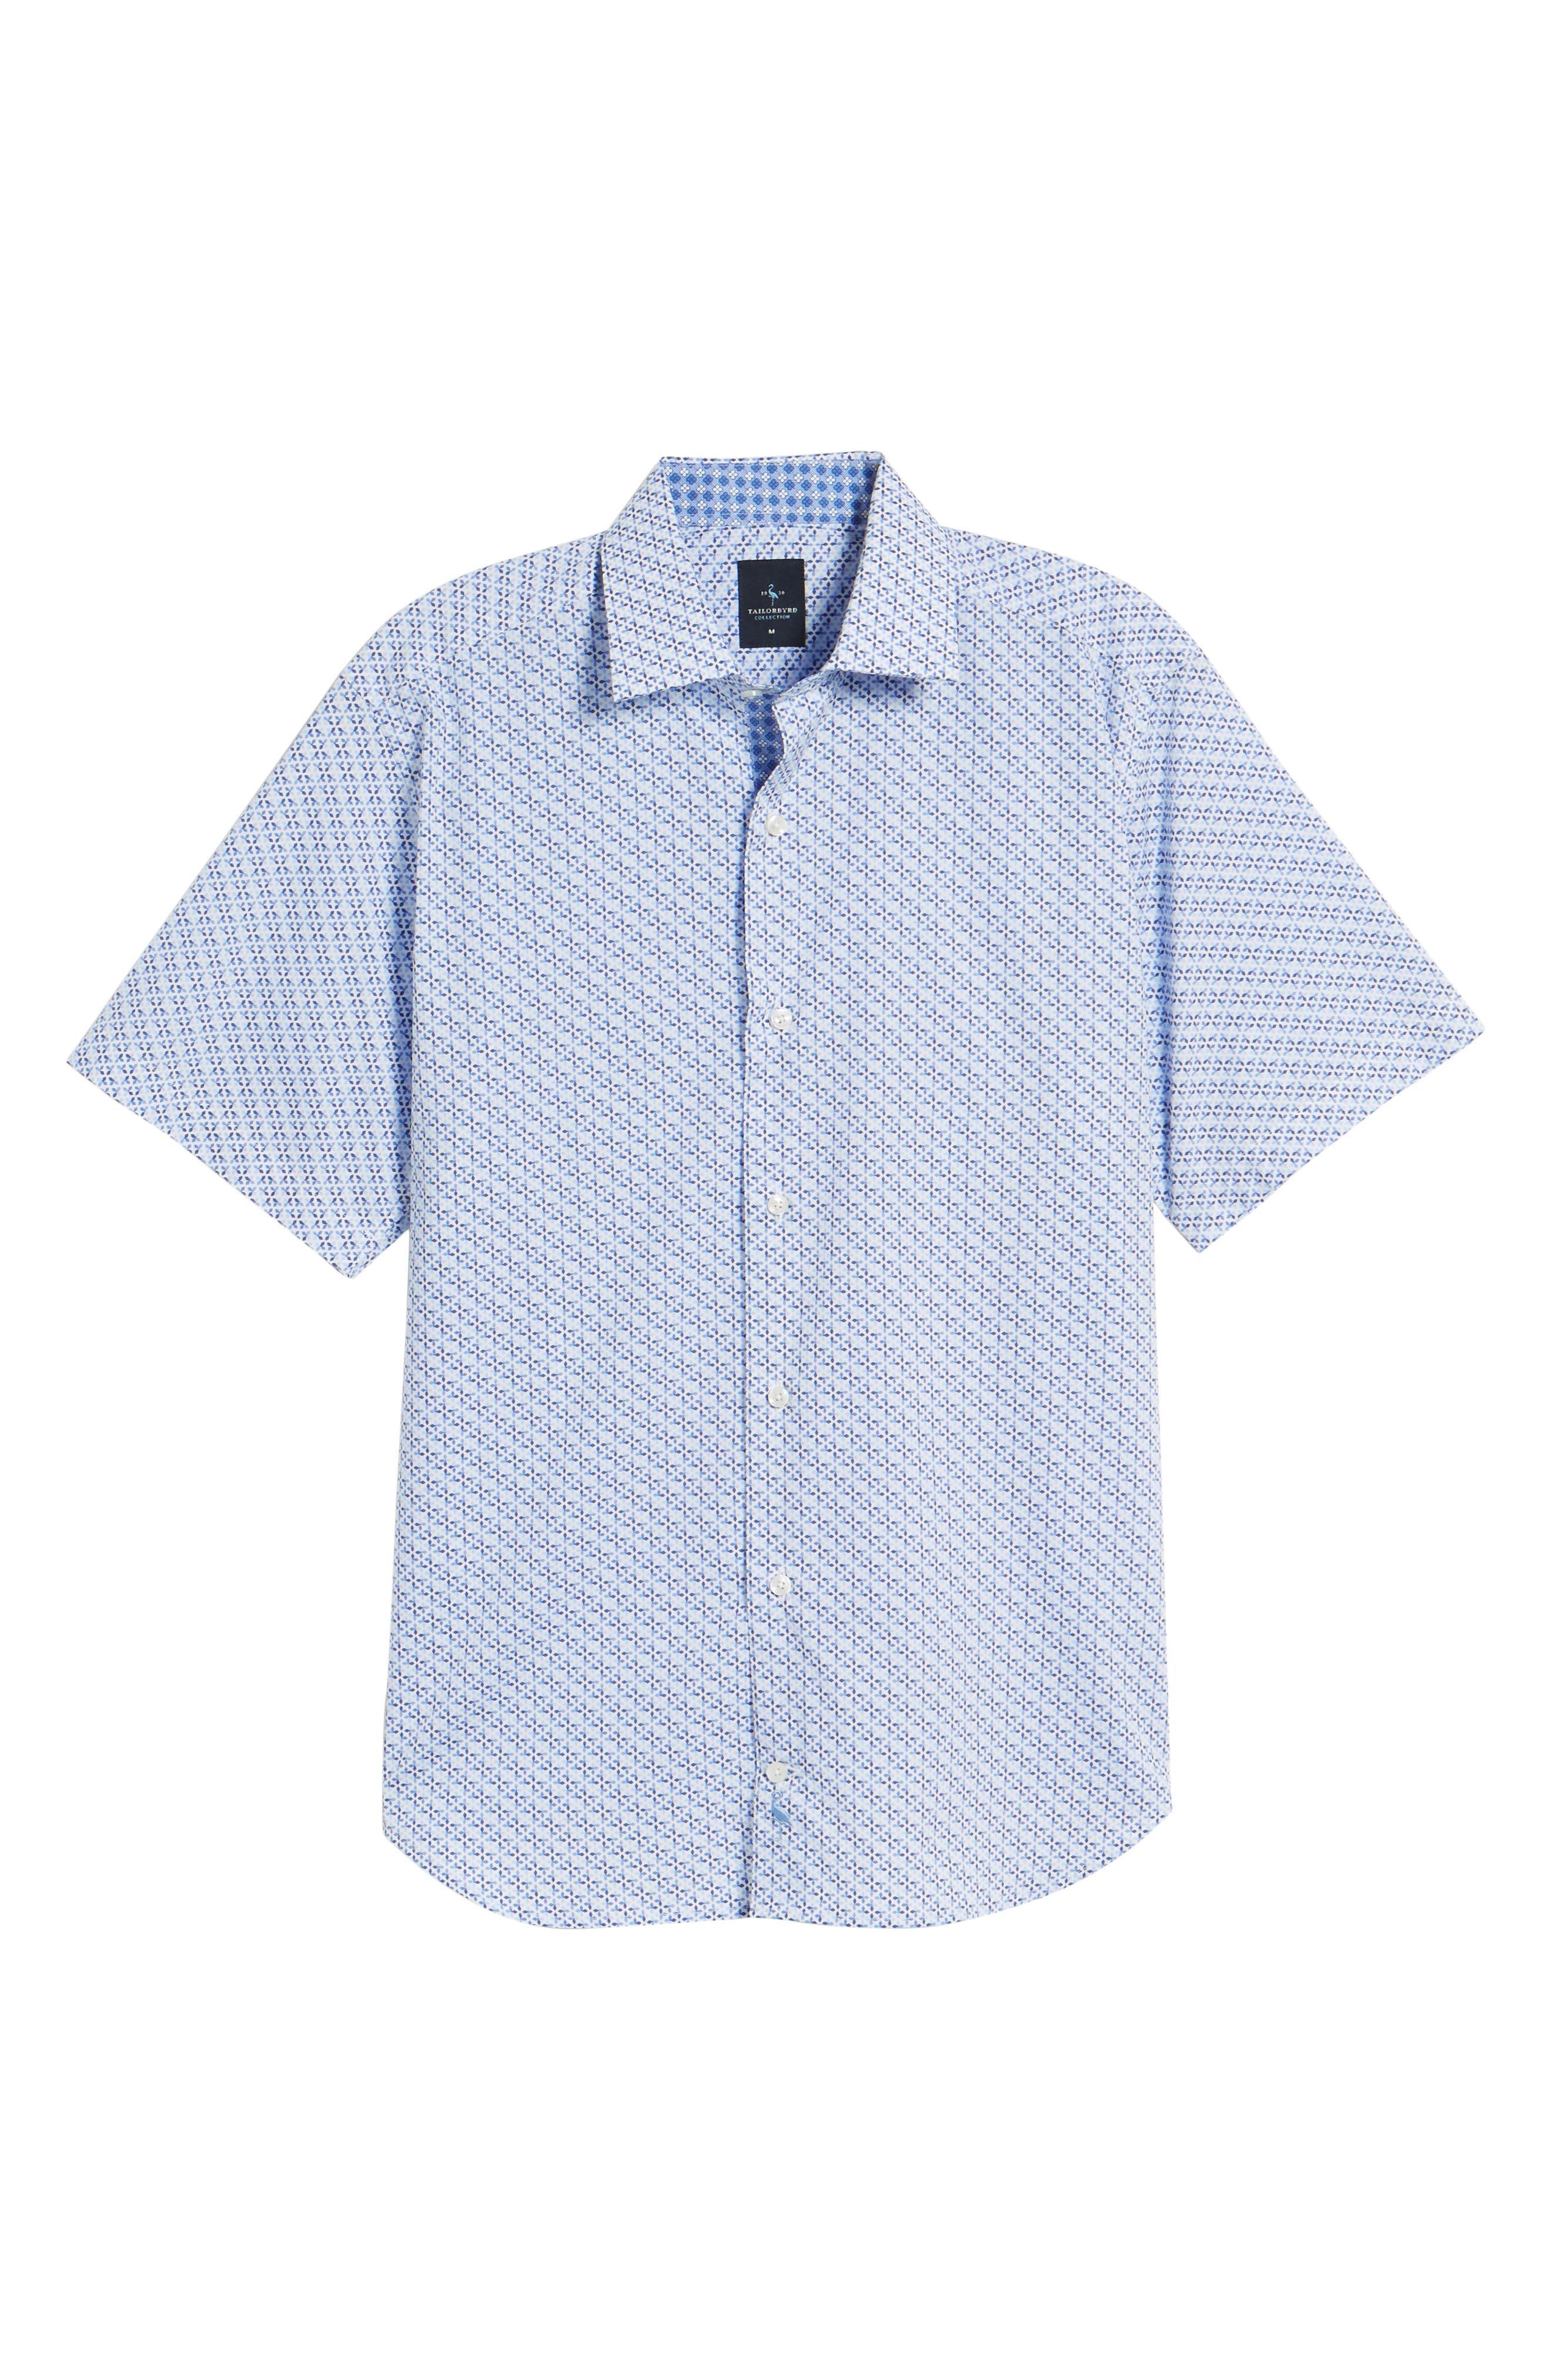 Shiloh Regular Fit Print Sport Shirt,                             Alternate thumbnail 6, color,